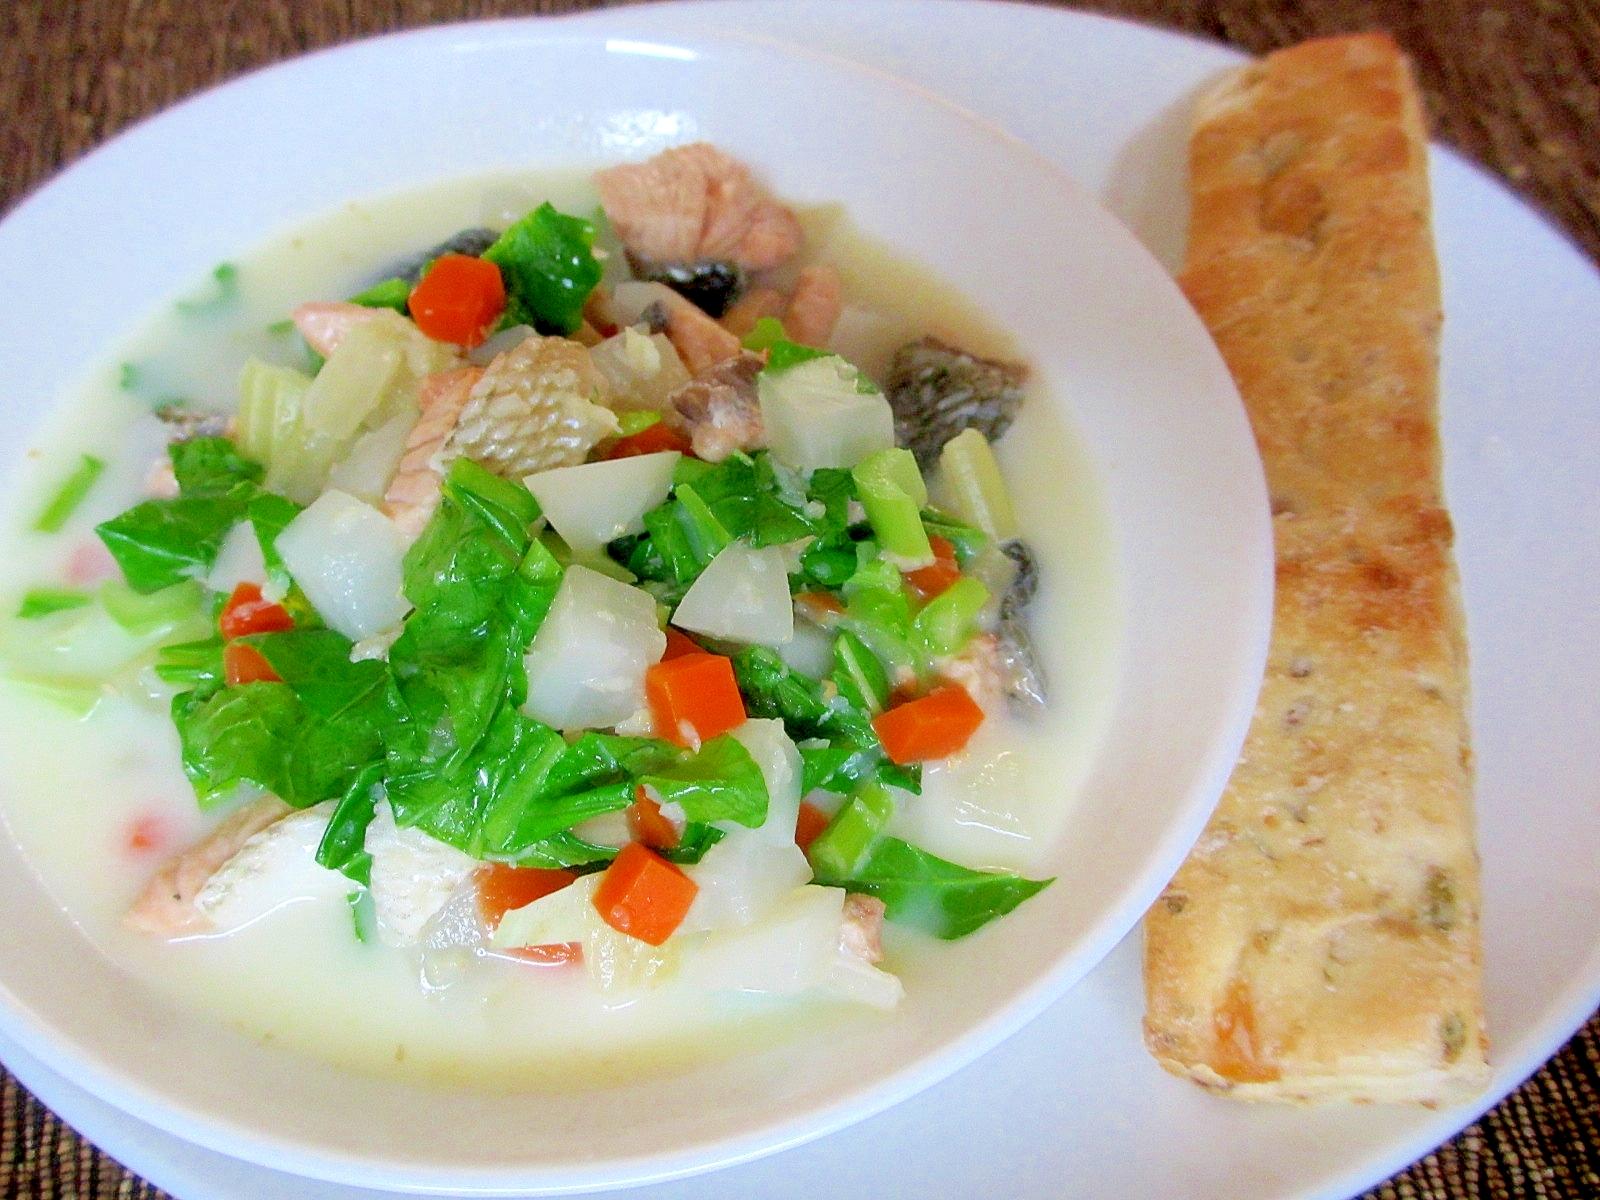 鮭ところころ野菜の豆乳スープの朝パンプレート